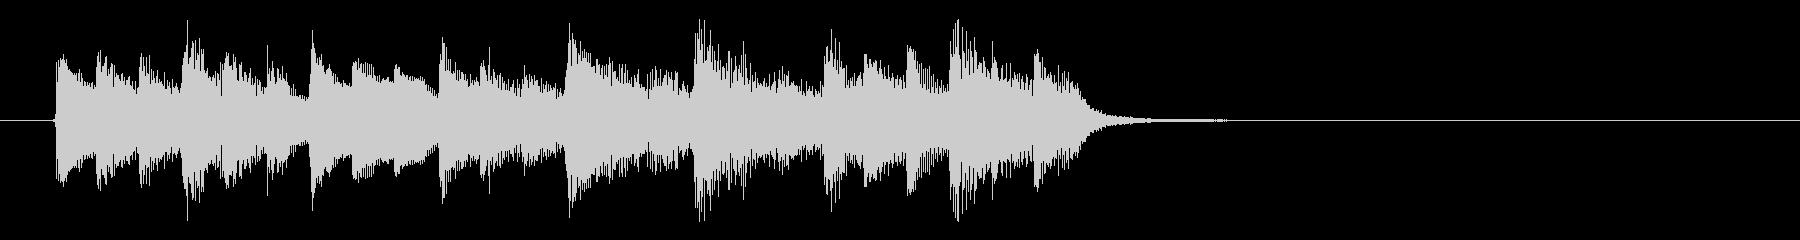 神秘的な森の中のようなBGM_ループ用1の未再生の波形